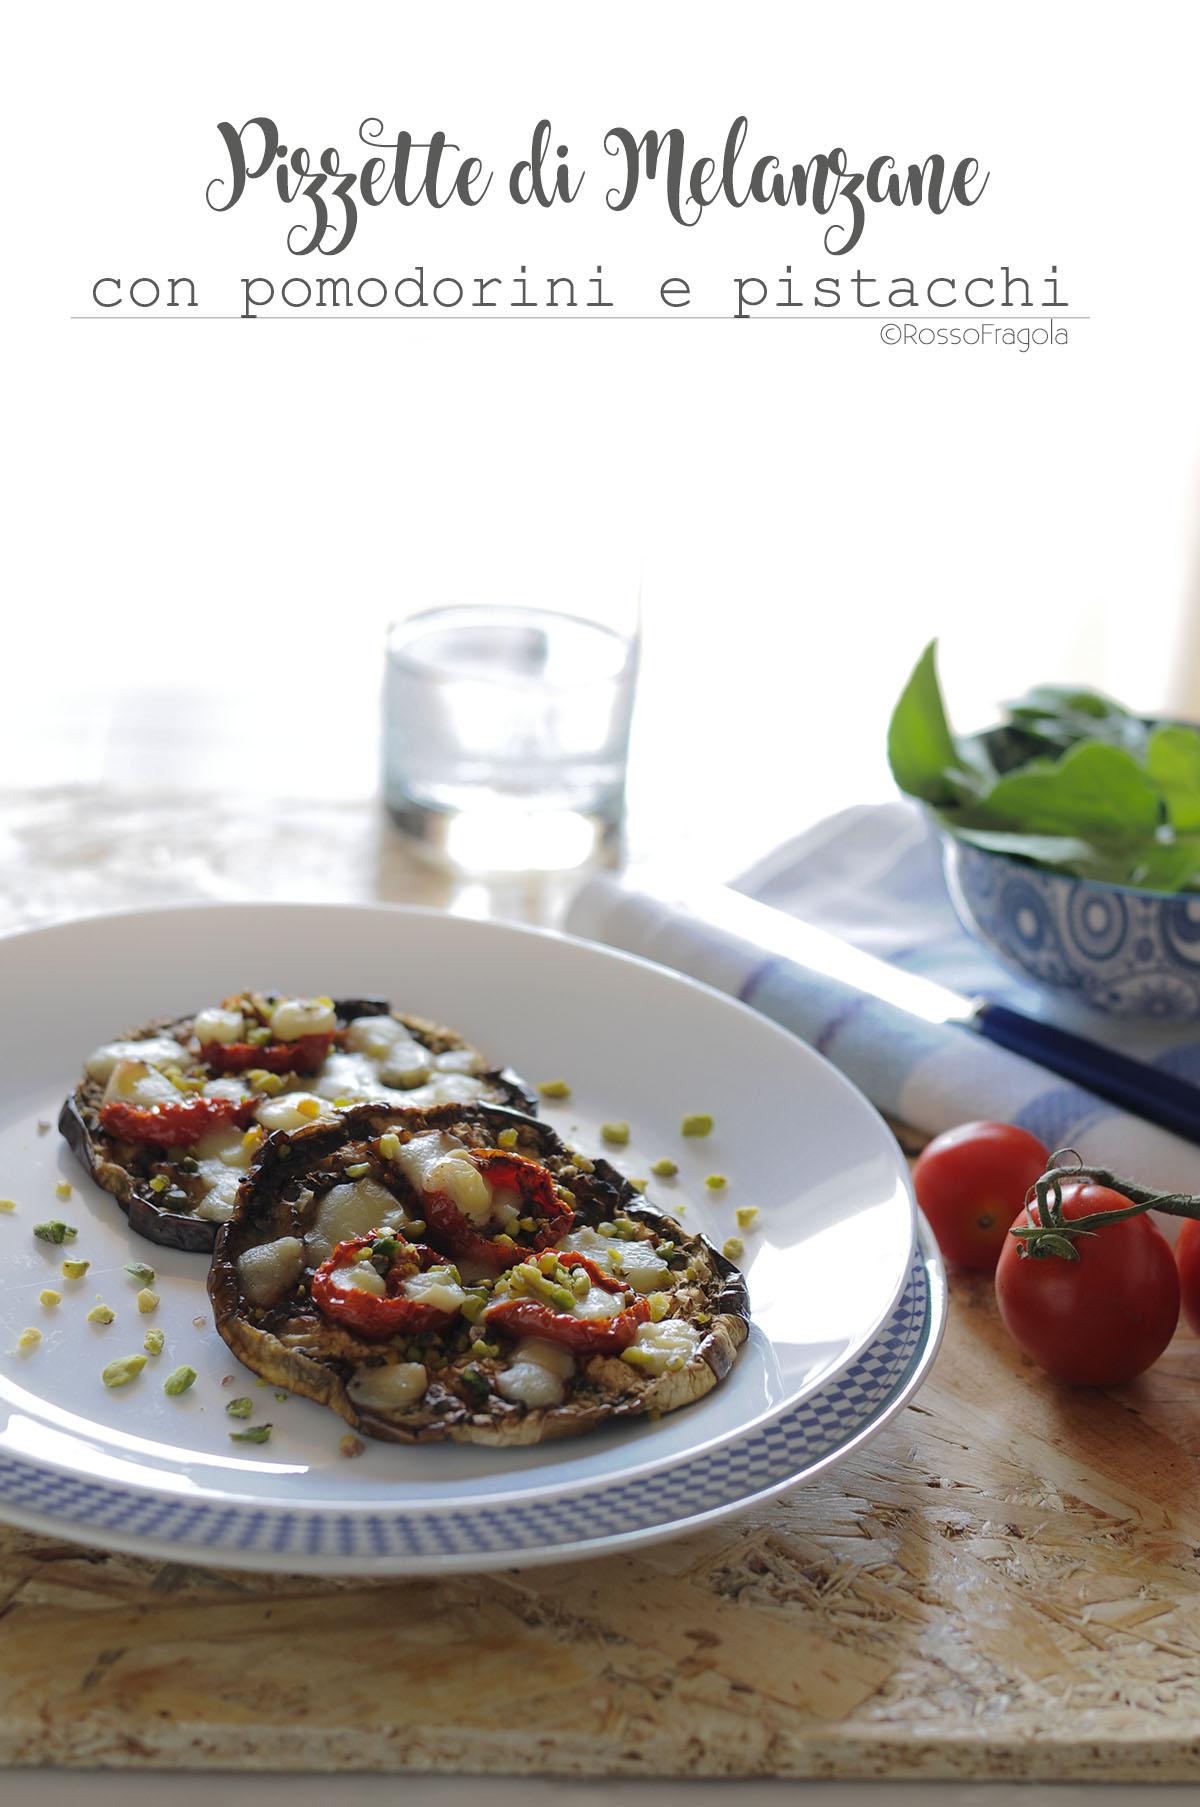 Pizzette di melanzane con pomodorini e pistacchi di Bronte